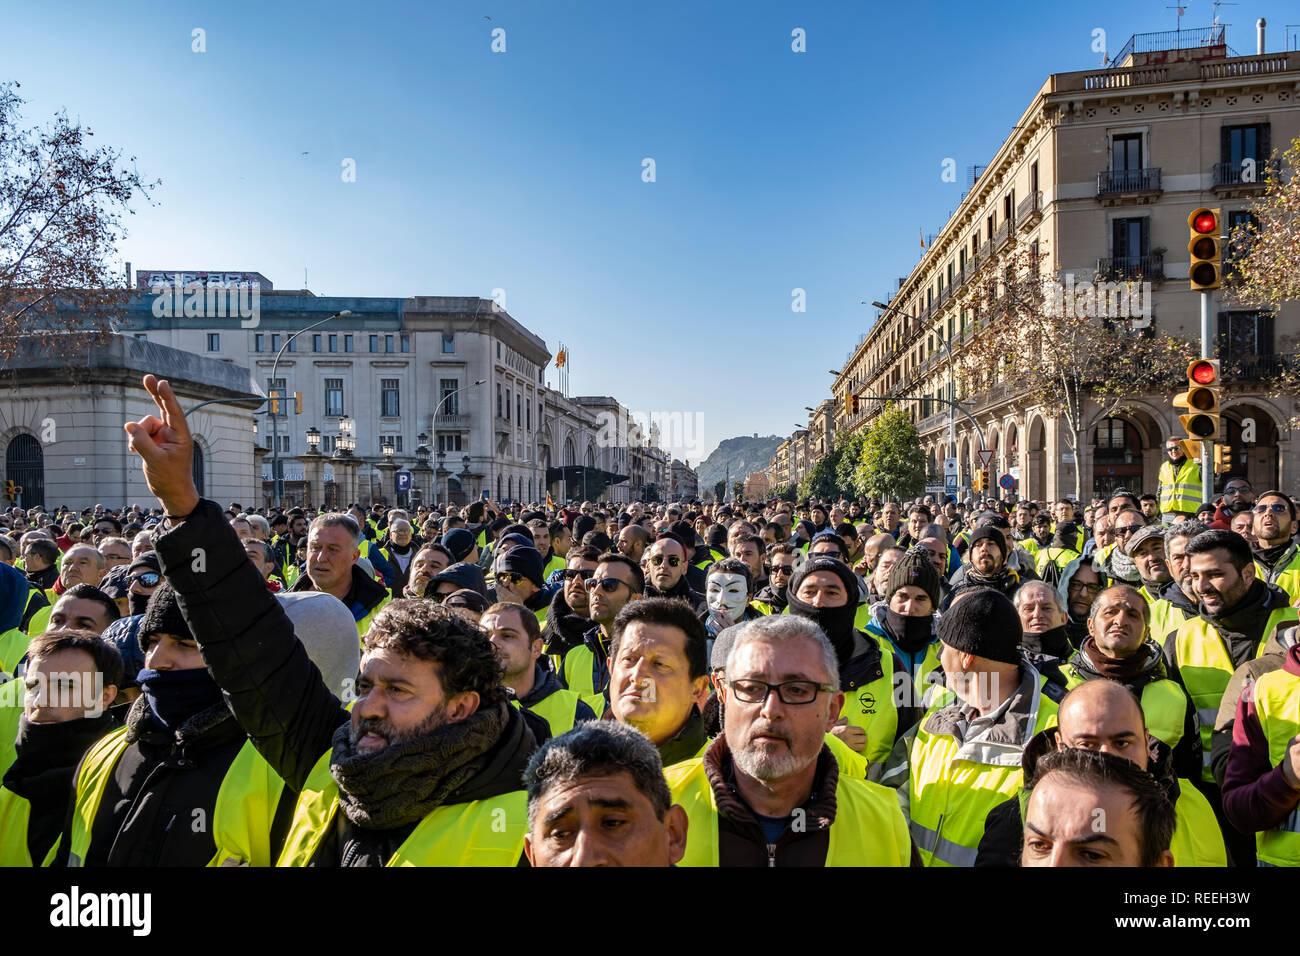 Una multitud de taxistas con chalecos amarillos son vistos reunir delante del Parlamento de Cataluña durante la huelga. Cuarto día de huelga, después de no haberlo recibido en el Parlamento de Cataluña, los taxistas en la demostración han cortado el tráfico desde la Ronda del Litoral ruta, el tiempo de pre-reserva del VTC servicios (Uber y Cabify), que el gobierno quiere fijar en 15 minutos y los sindicatos en 12 horas, es el punto fuerte del desacuerdo. Foto de stock